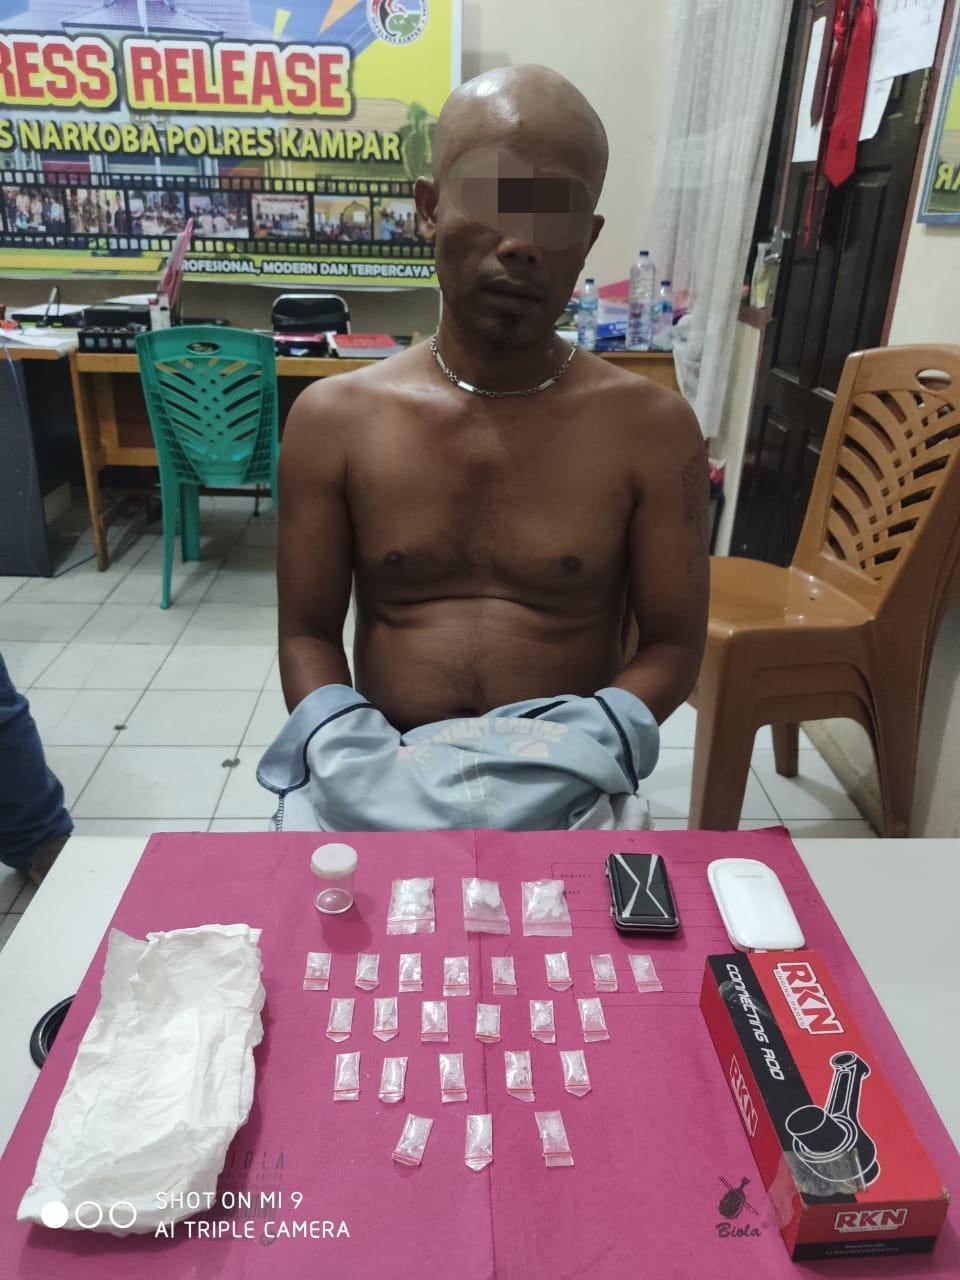 26 Paket Sabu Ditemukan Petugas dari Seorang Pengedar di Wilayah Desa Tanjung Bungo Kampa